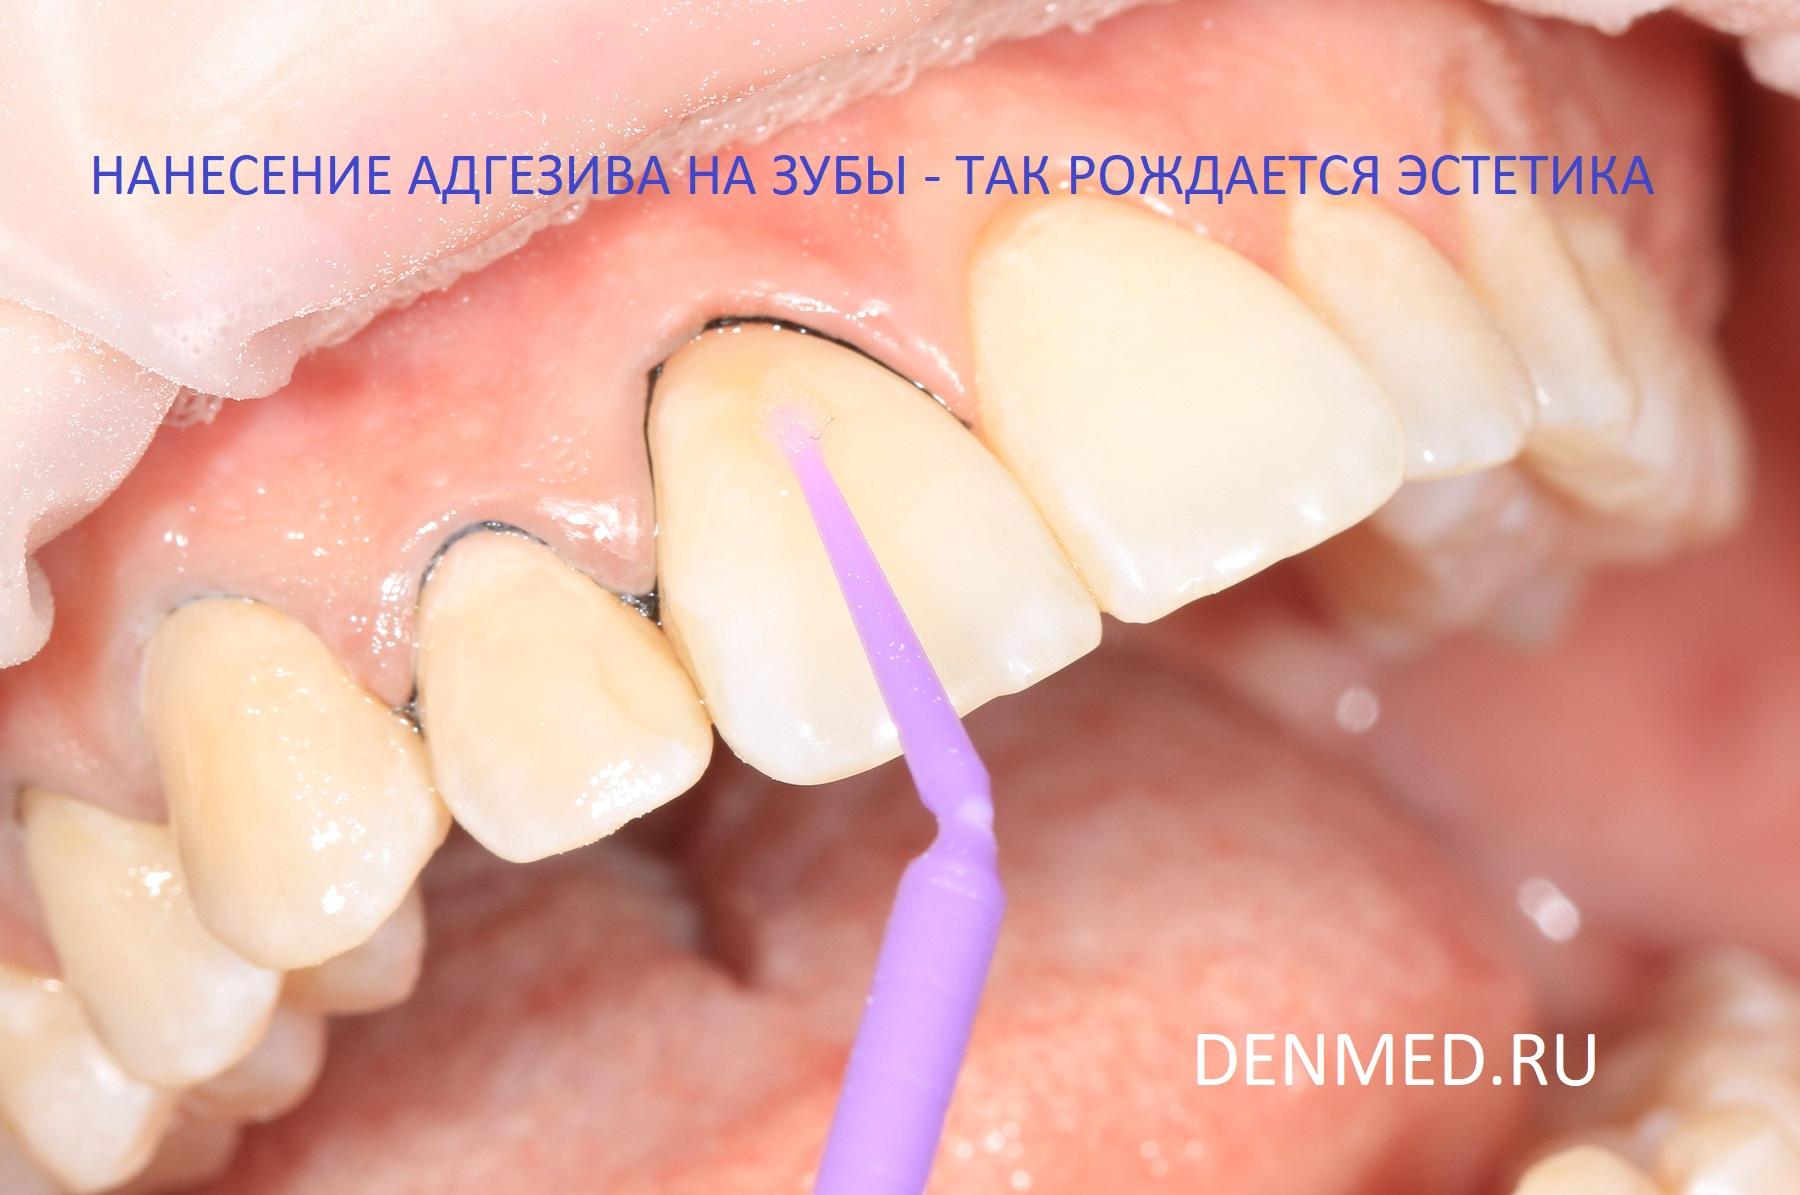 Нанесение адгезива на поверхность зубов